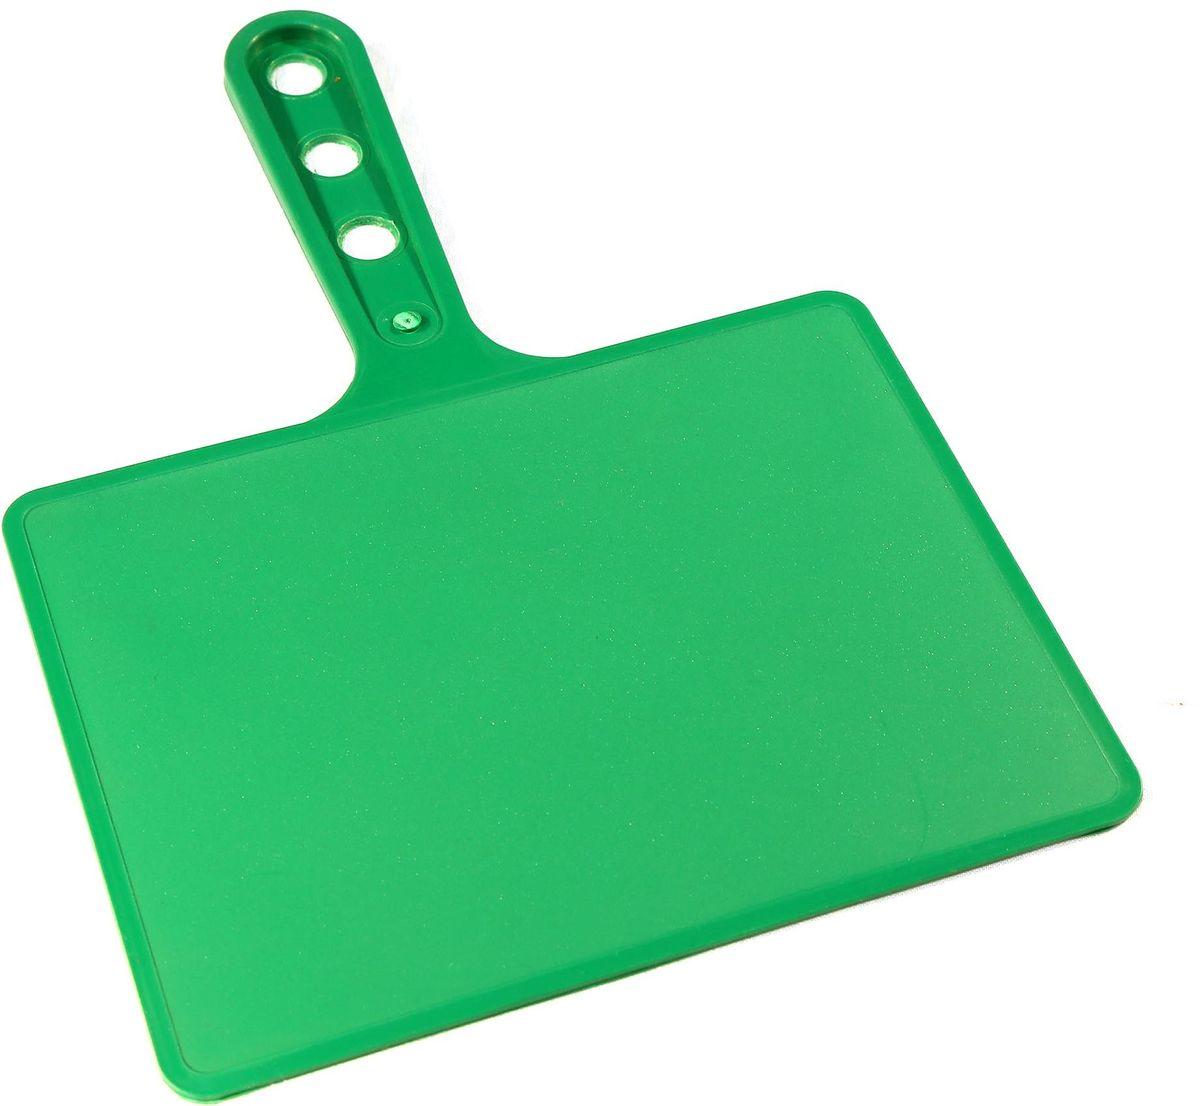 Веер для мангала BG, цвет: зеленый. 150181150181-З, зеленыйВеер для мангала BG предназначен для раздува углей в мангале. Изготовлен из высококачественного пластика (ПЭНД), одна сторона - глянец, вторая - шагрень. Ручка имеет 3 отверстия. Можно использовать как разделочную доску для мяса, нарезки овощей или хлеба.Рабочая поверхность выполнена в виде прямоугольника, размер: 197 х 148 мм.